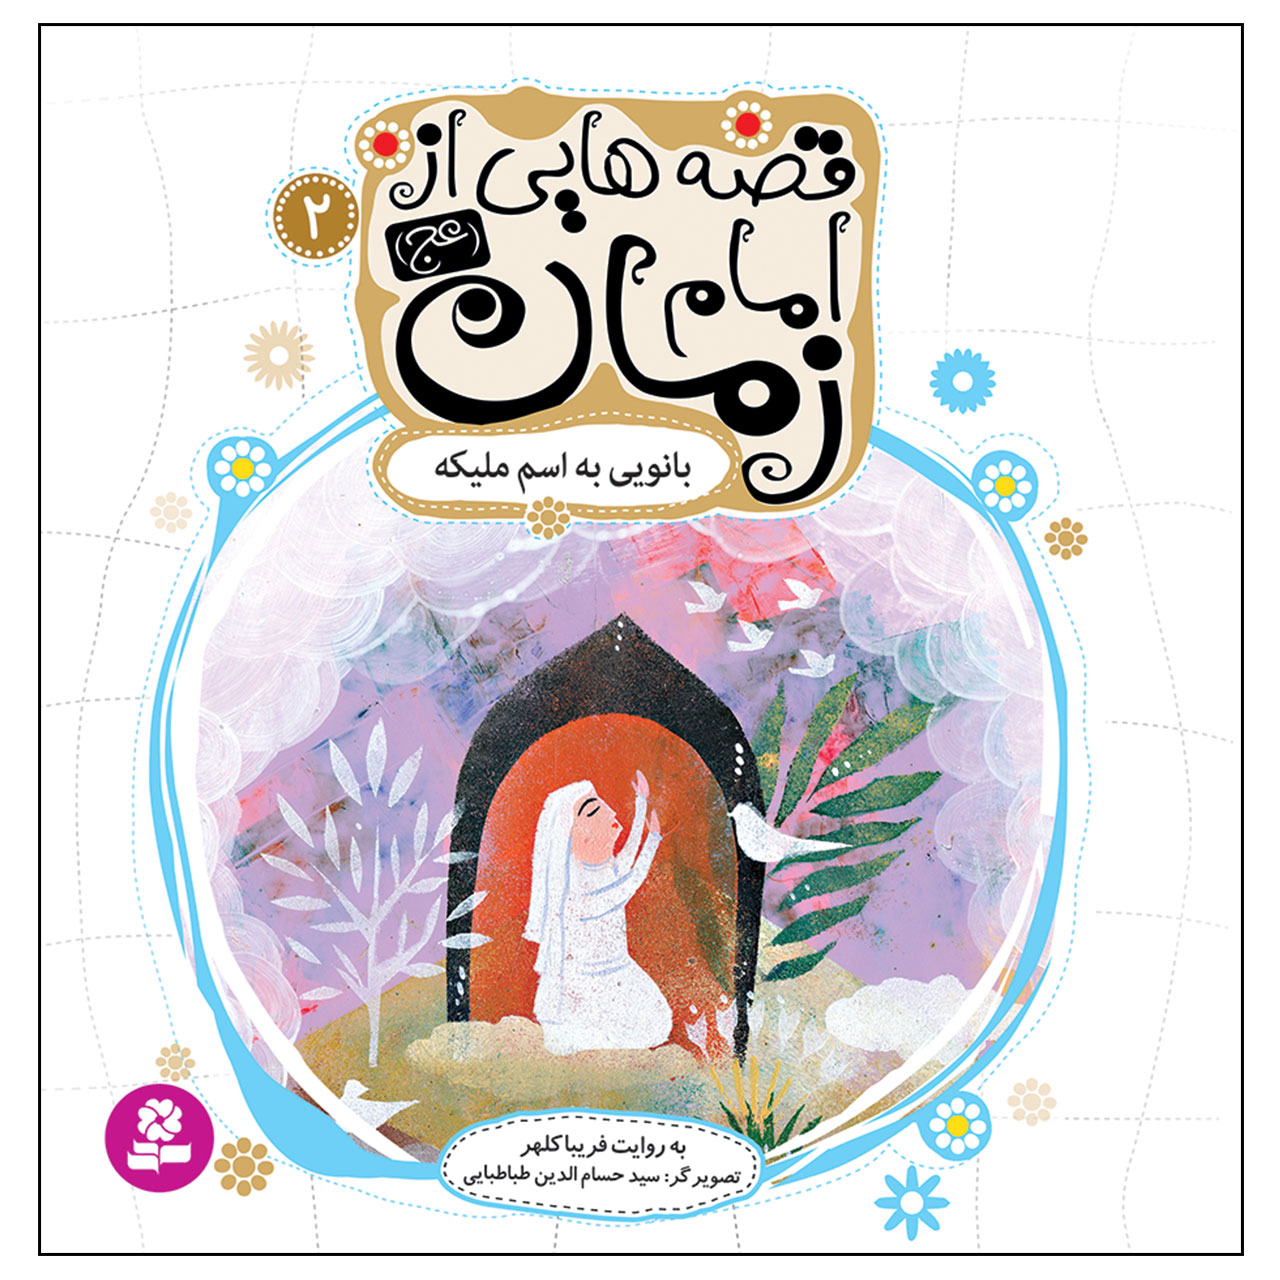 خرید                      کتاب قصه هایی از امام زمان (عج) 2 بانویی به اسم ملیکه اثر فریبا کلهر انتشارات قدیانی